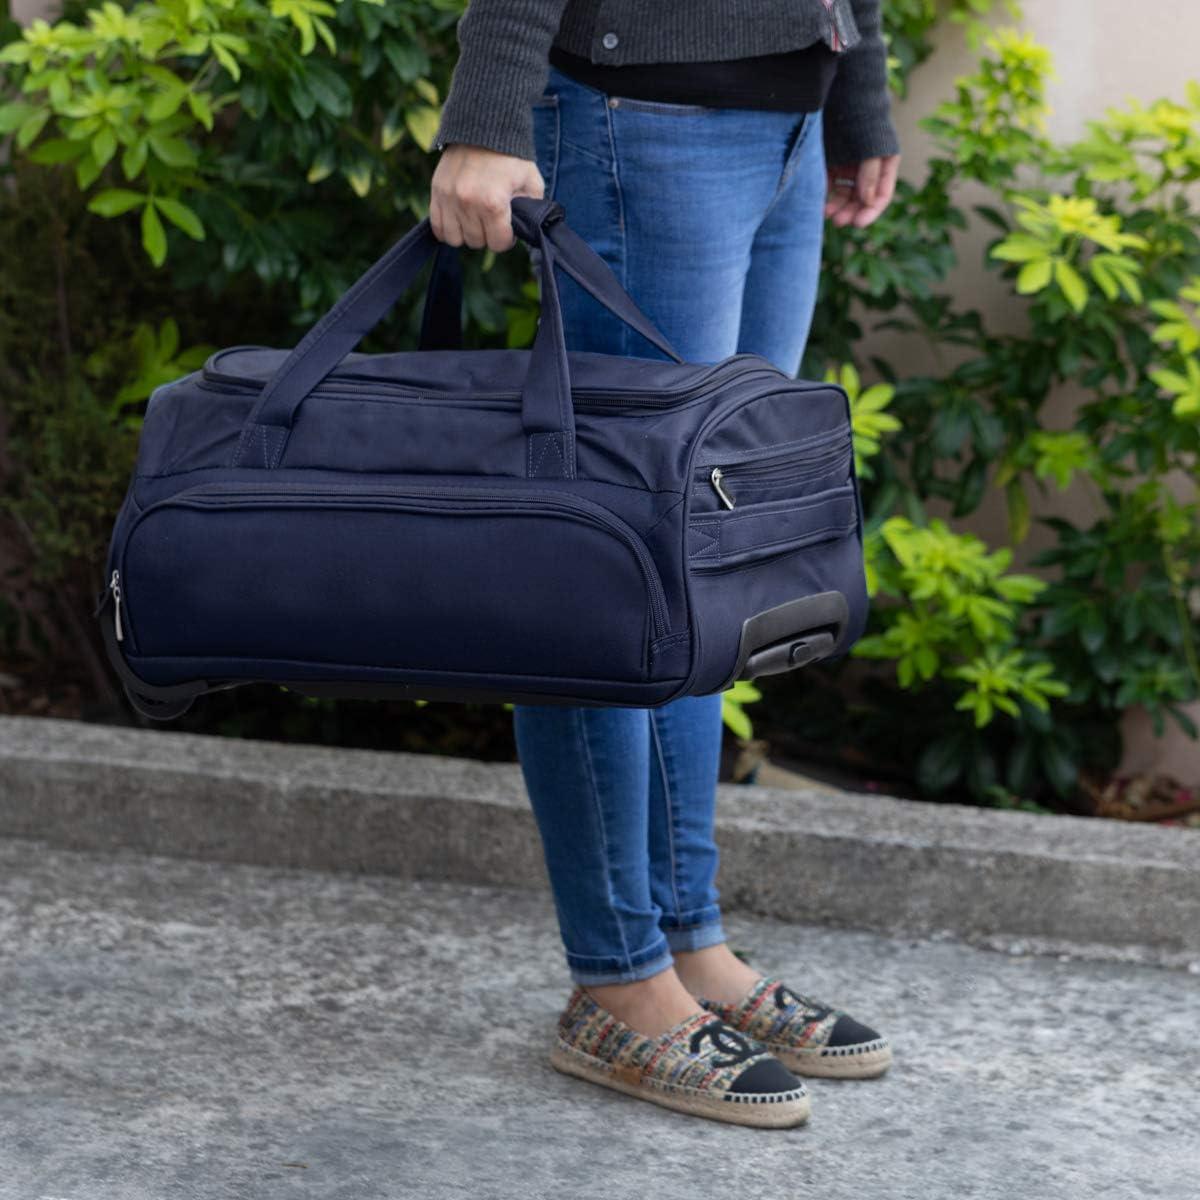 Léger Imprimé Rose Cabine De Transport En bagage à main valise trolley Sac voyage